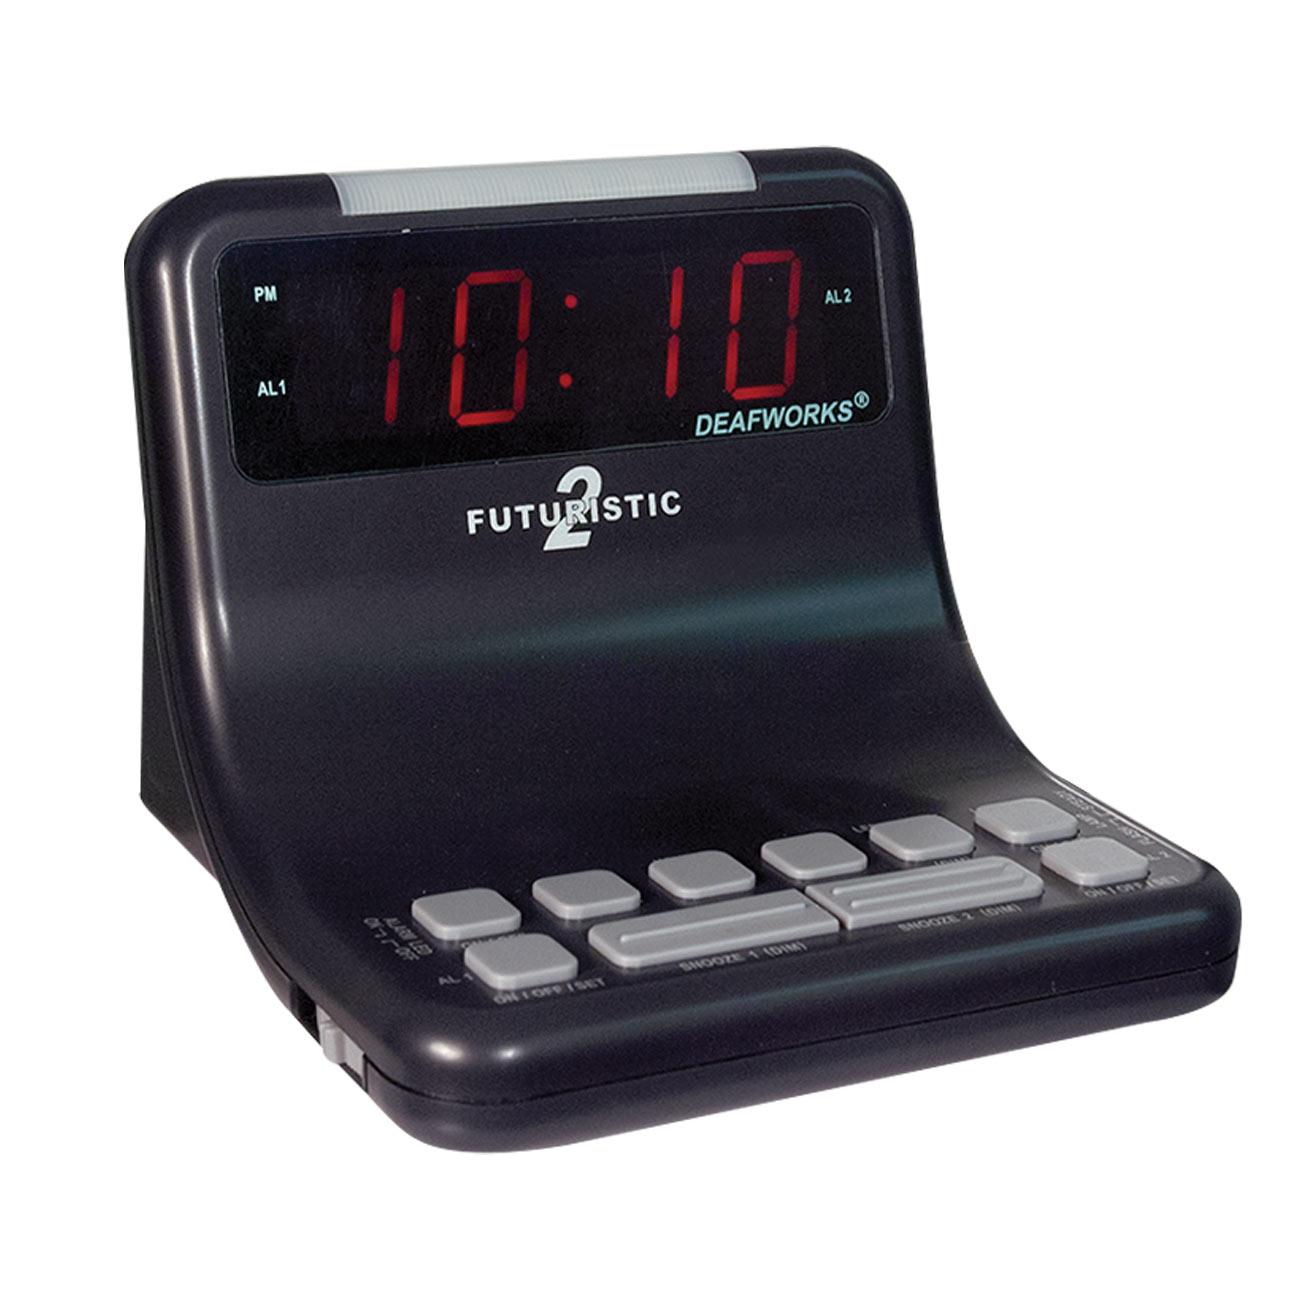 Futuristic 2 Alarm Clock - Black